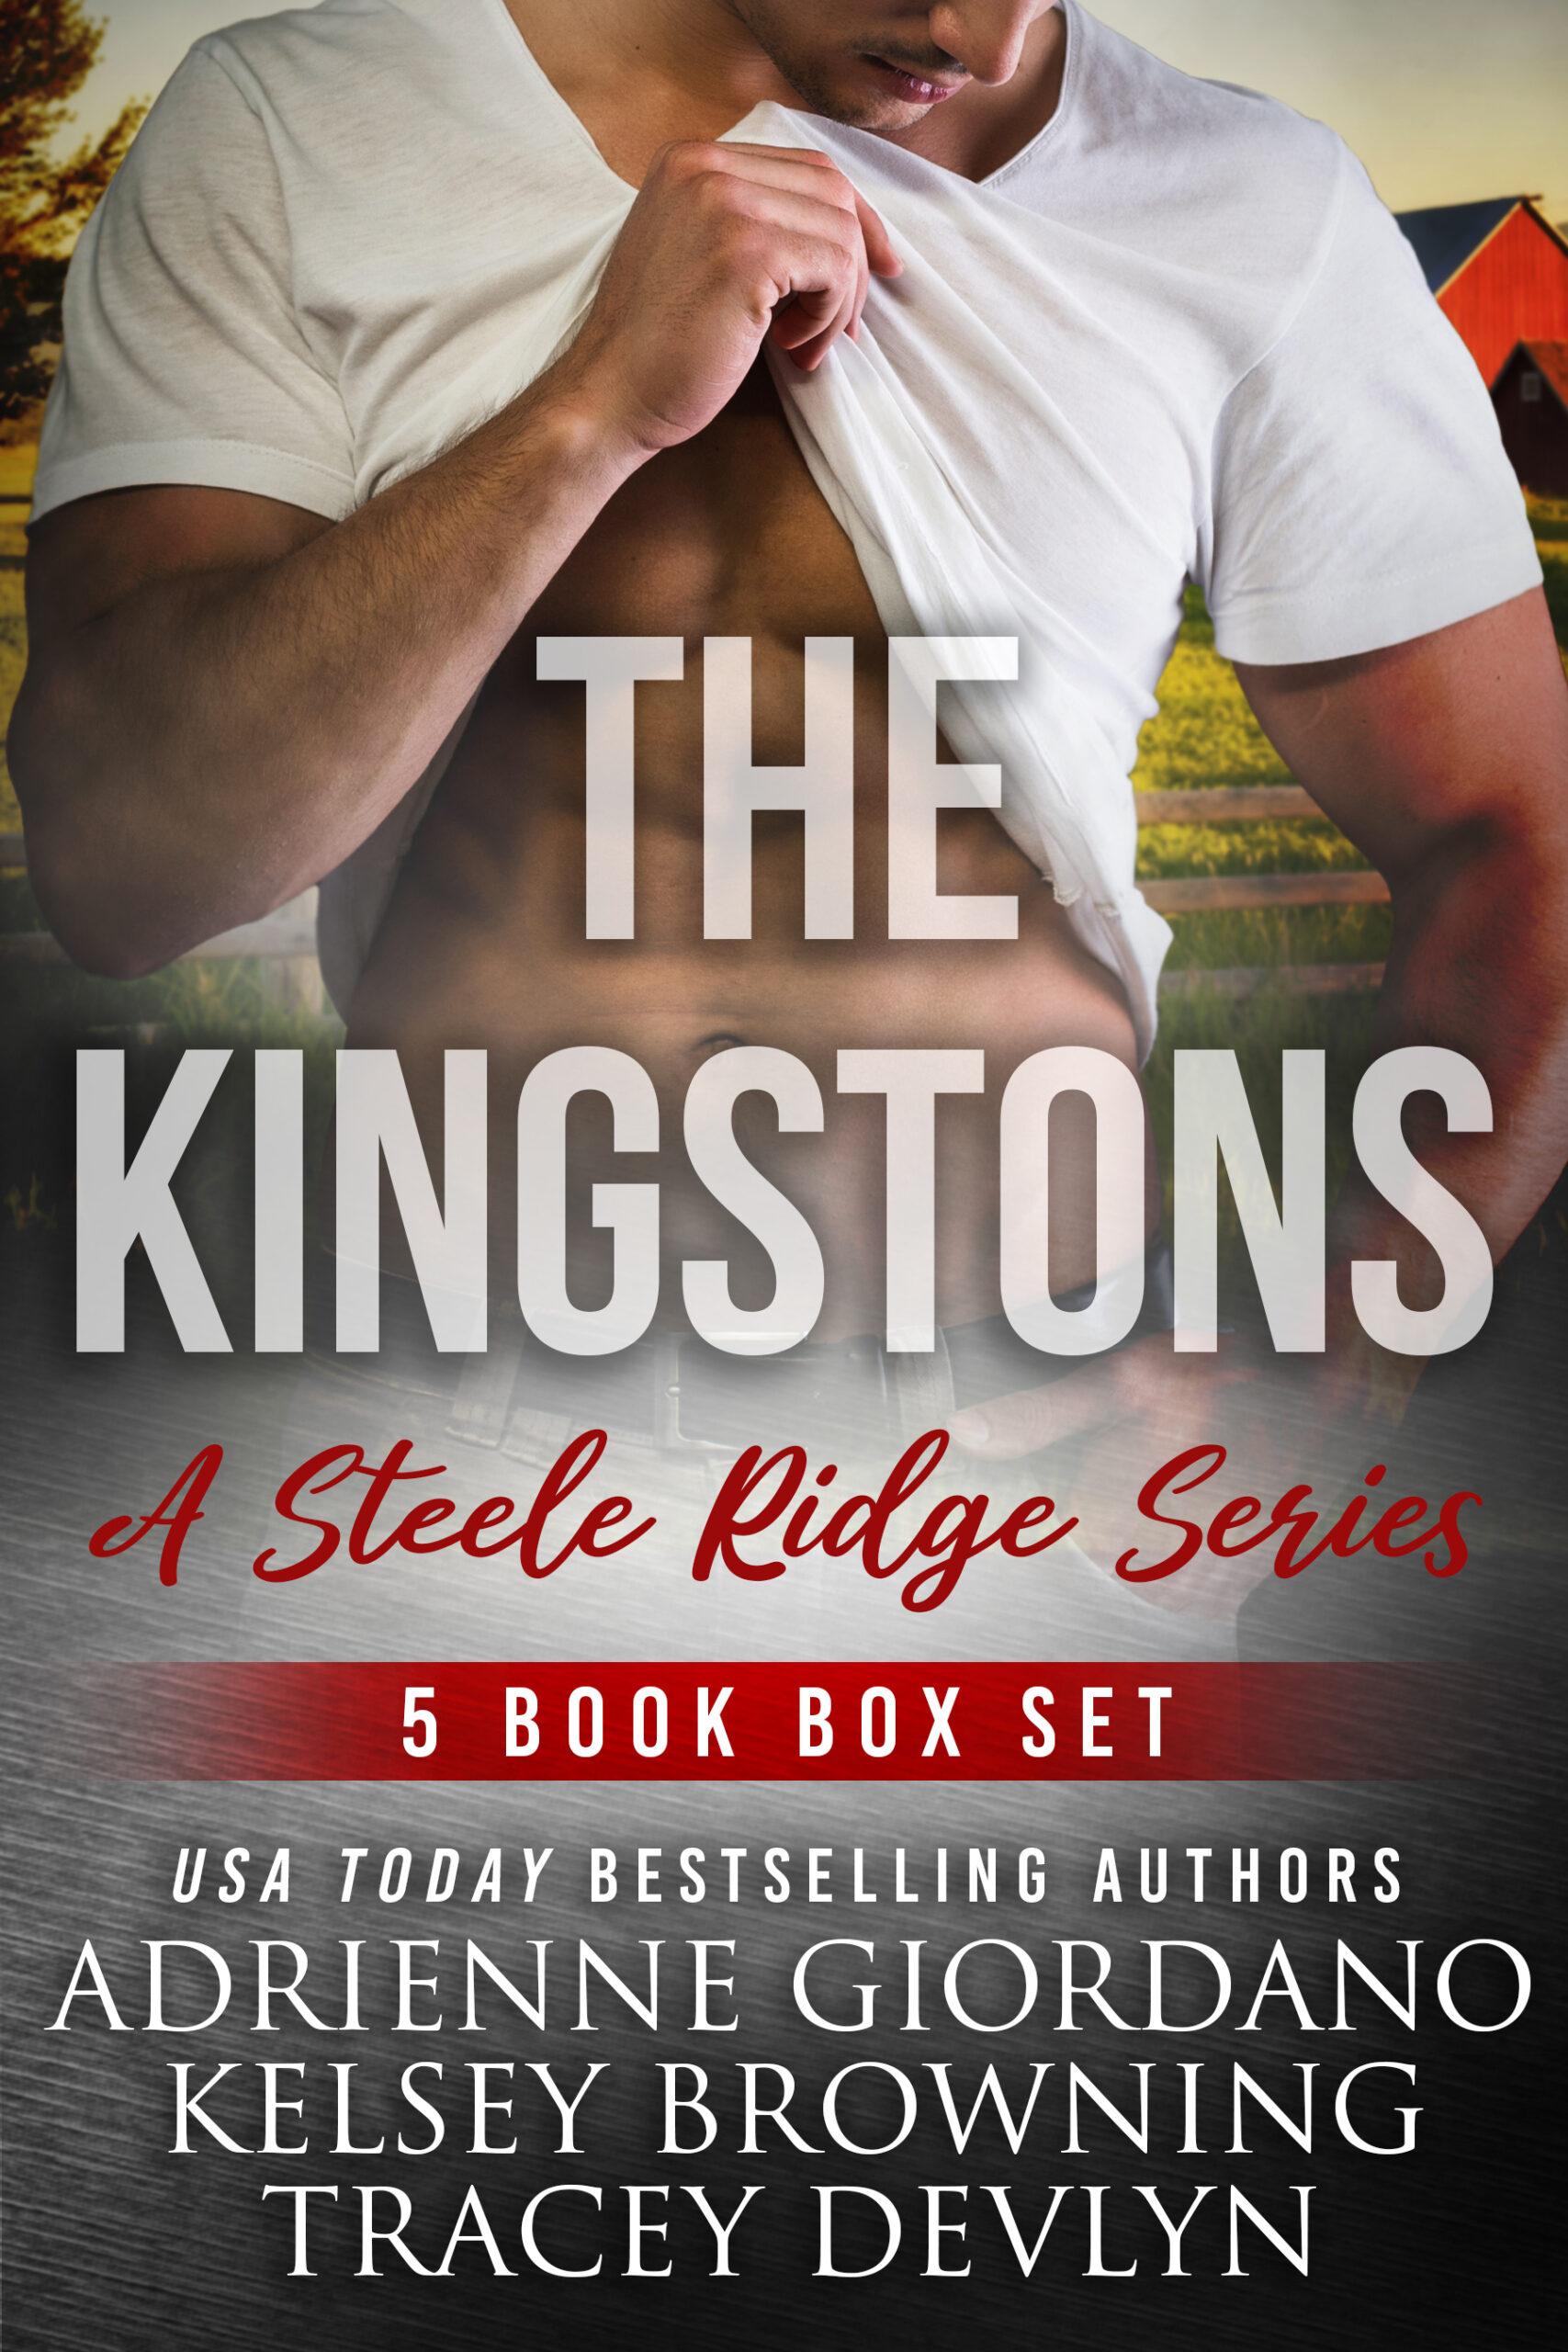 The Kingstons Box Set #3 (Books 1-5)